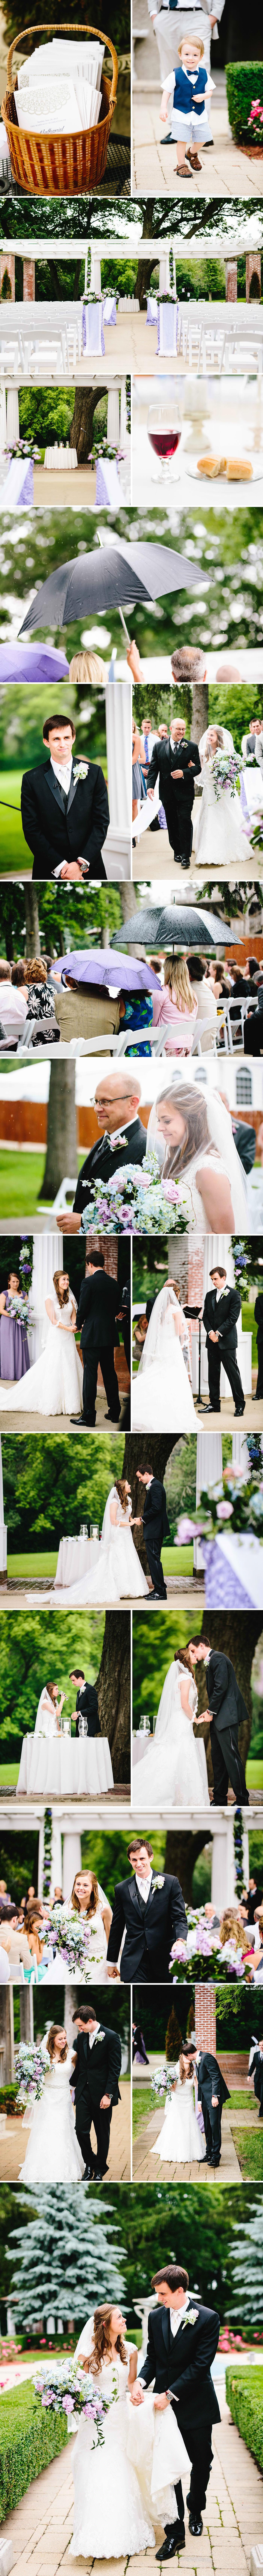 chicago-fine-art-wedding-photography-bristow5